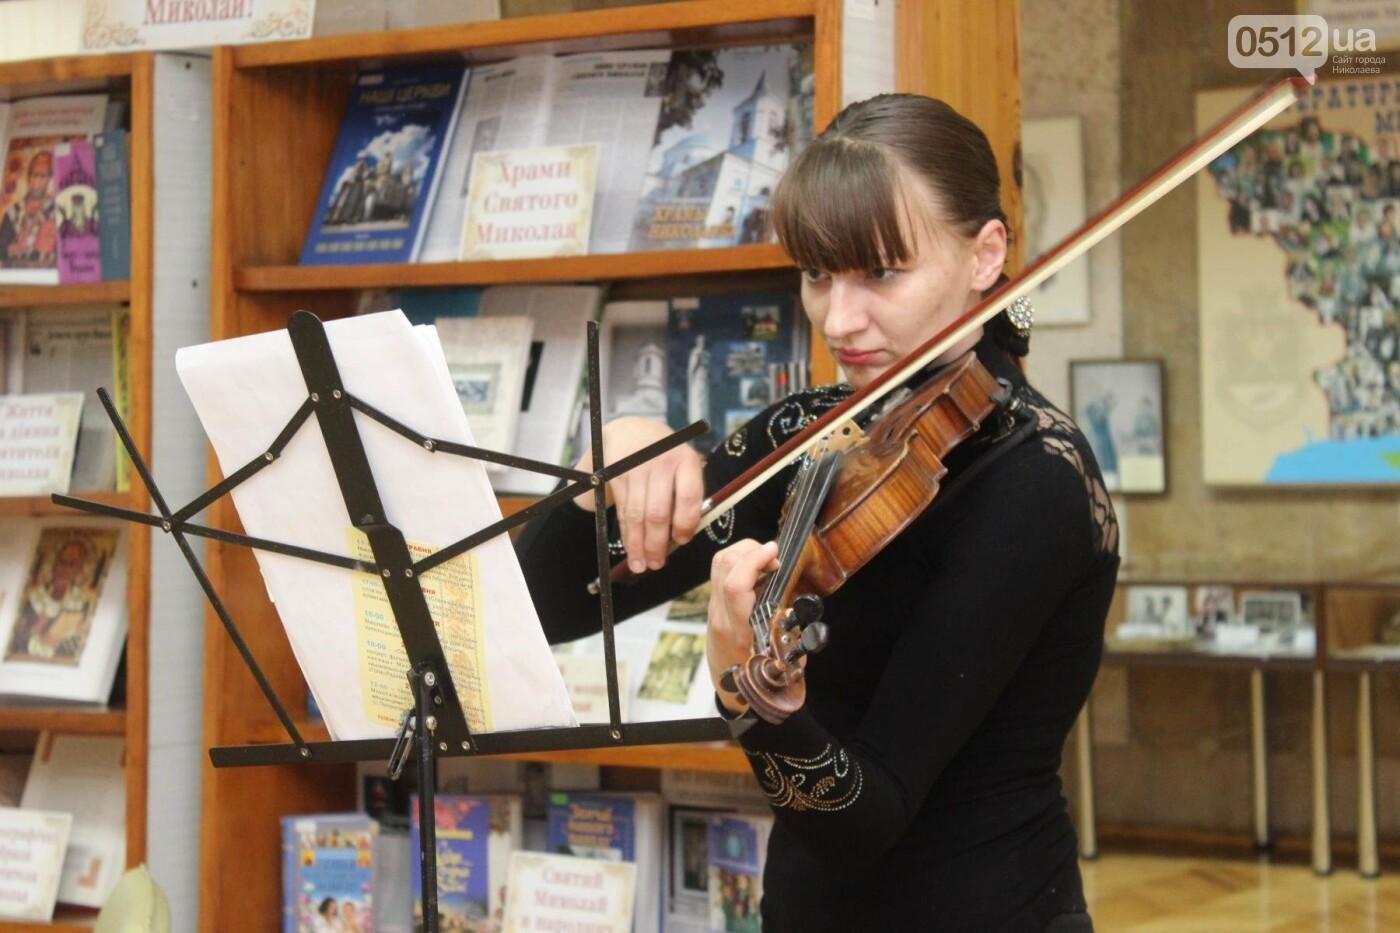 Пиво и котики: в Николаеской библиотеке состоялось литературное ревью, - ФОТО, фото-3